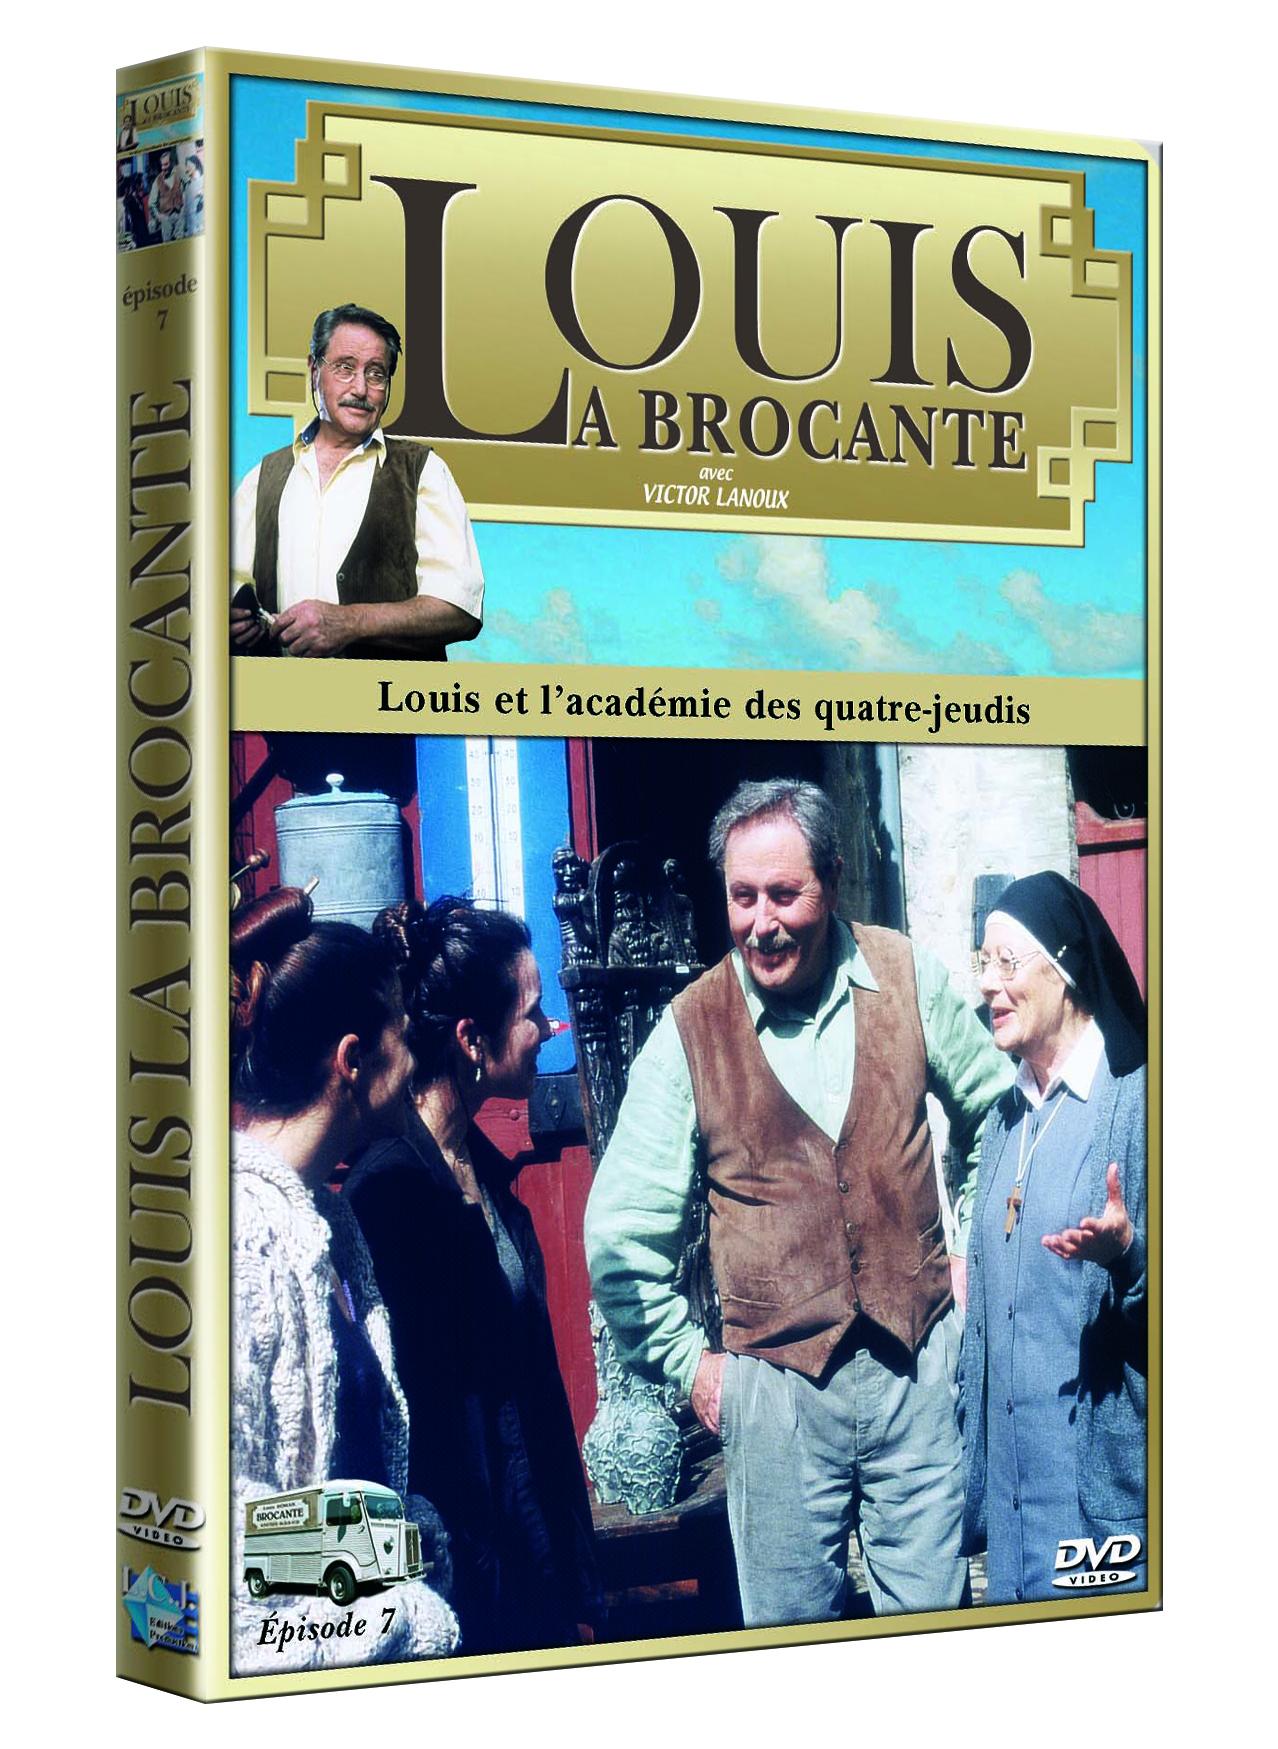 LOUIS LA BROCANTE EPISODE 7 - DVD